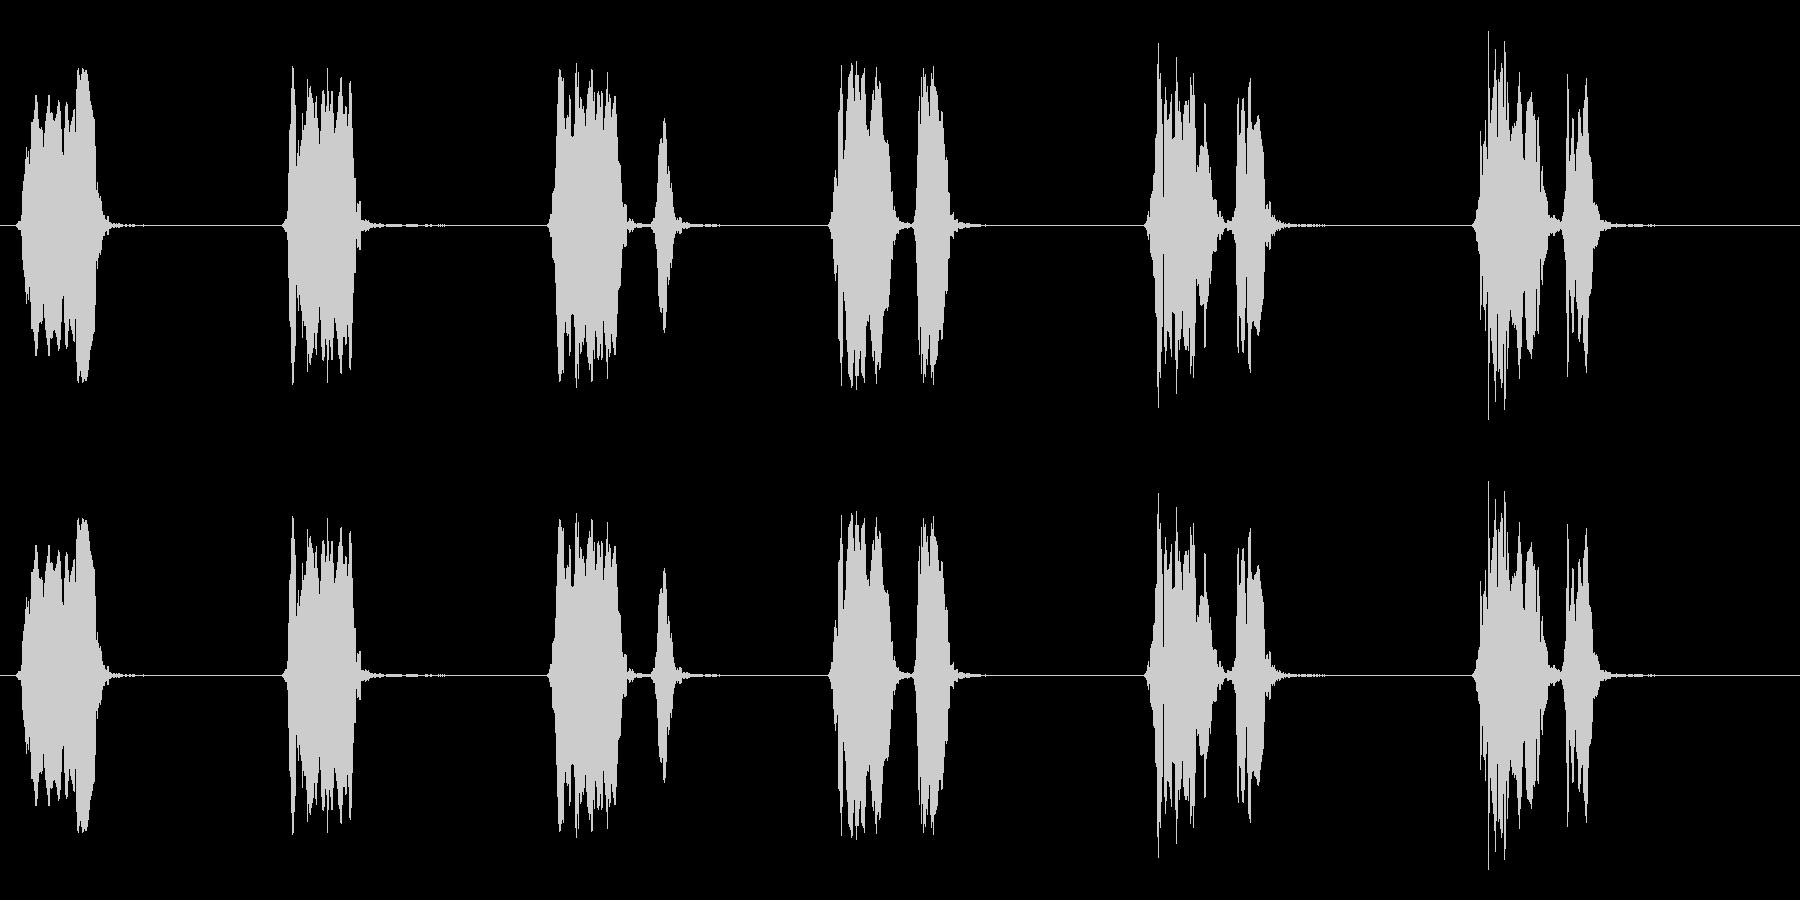 ウズラの鳴き声04-01の未再生の波形